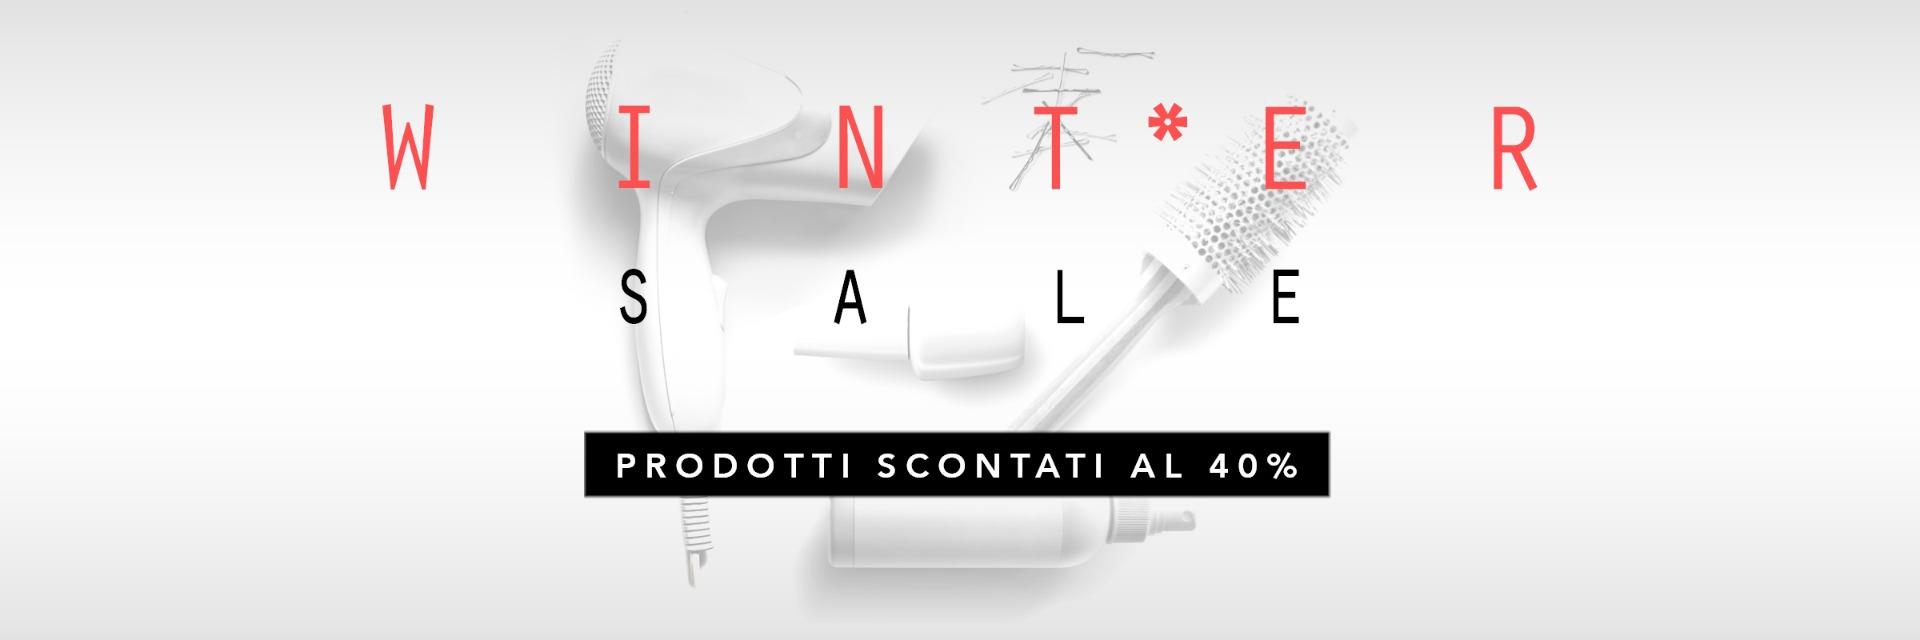 TRILAB Winter Sale 2021 - Prodotti Scontati fino al 40%